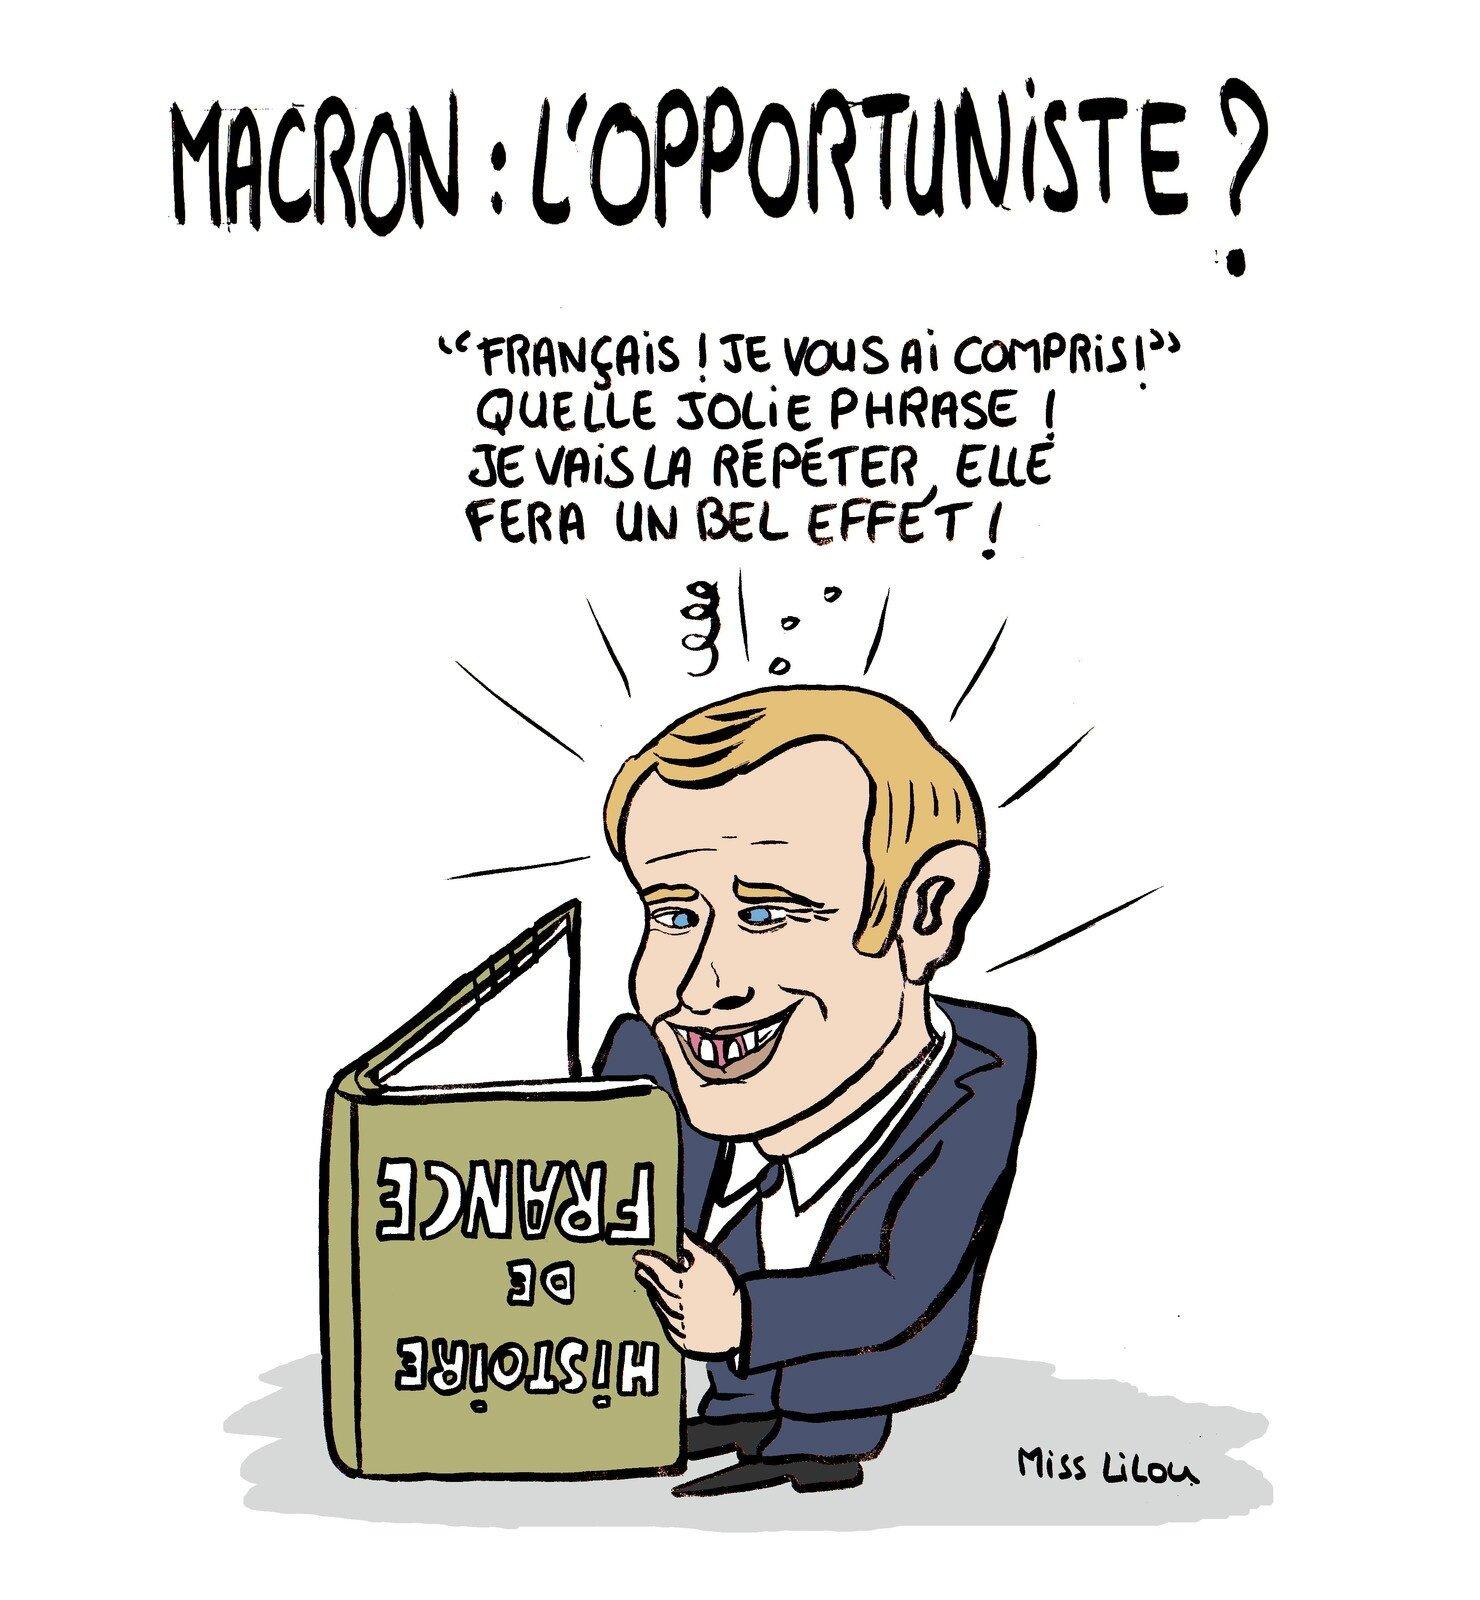 BFMTV a diffusé autant de réunions publiques d'Emmanuel Macron… que de l'ensemble de ses quatre concurrents principaux réunis.